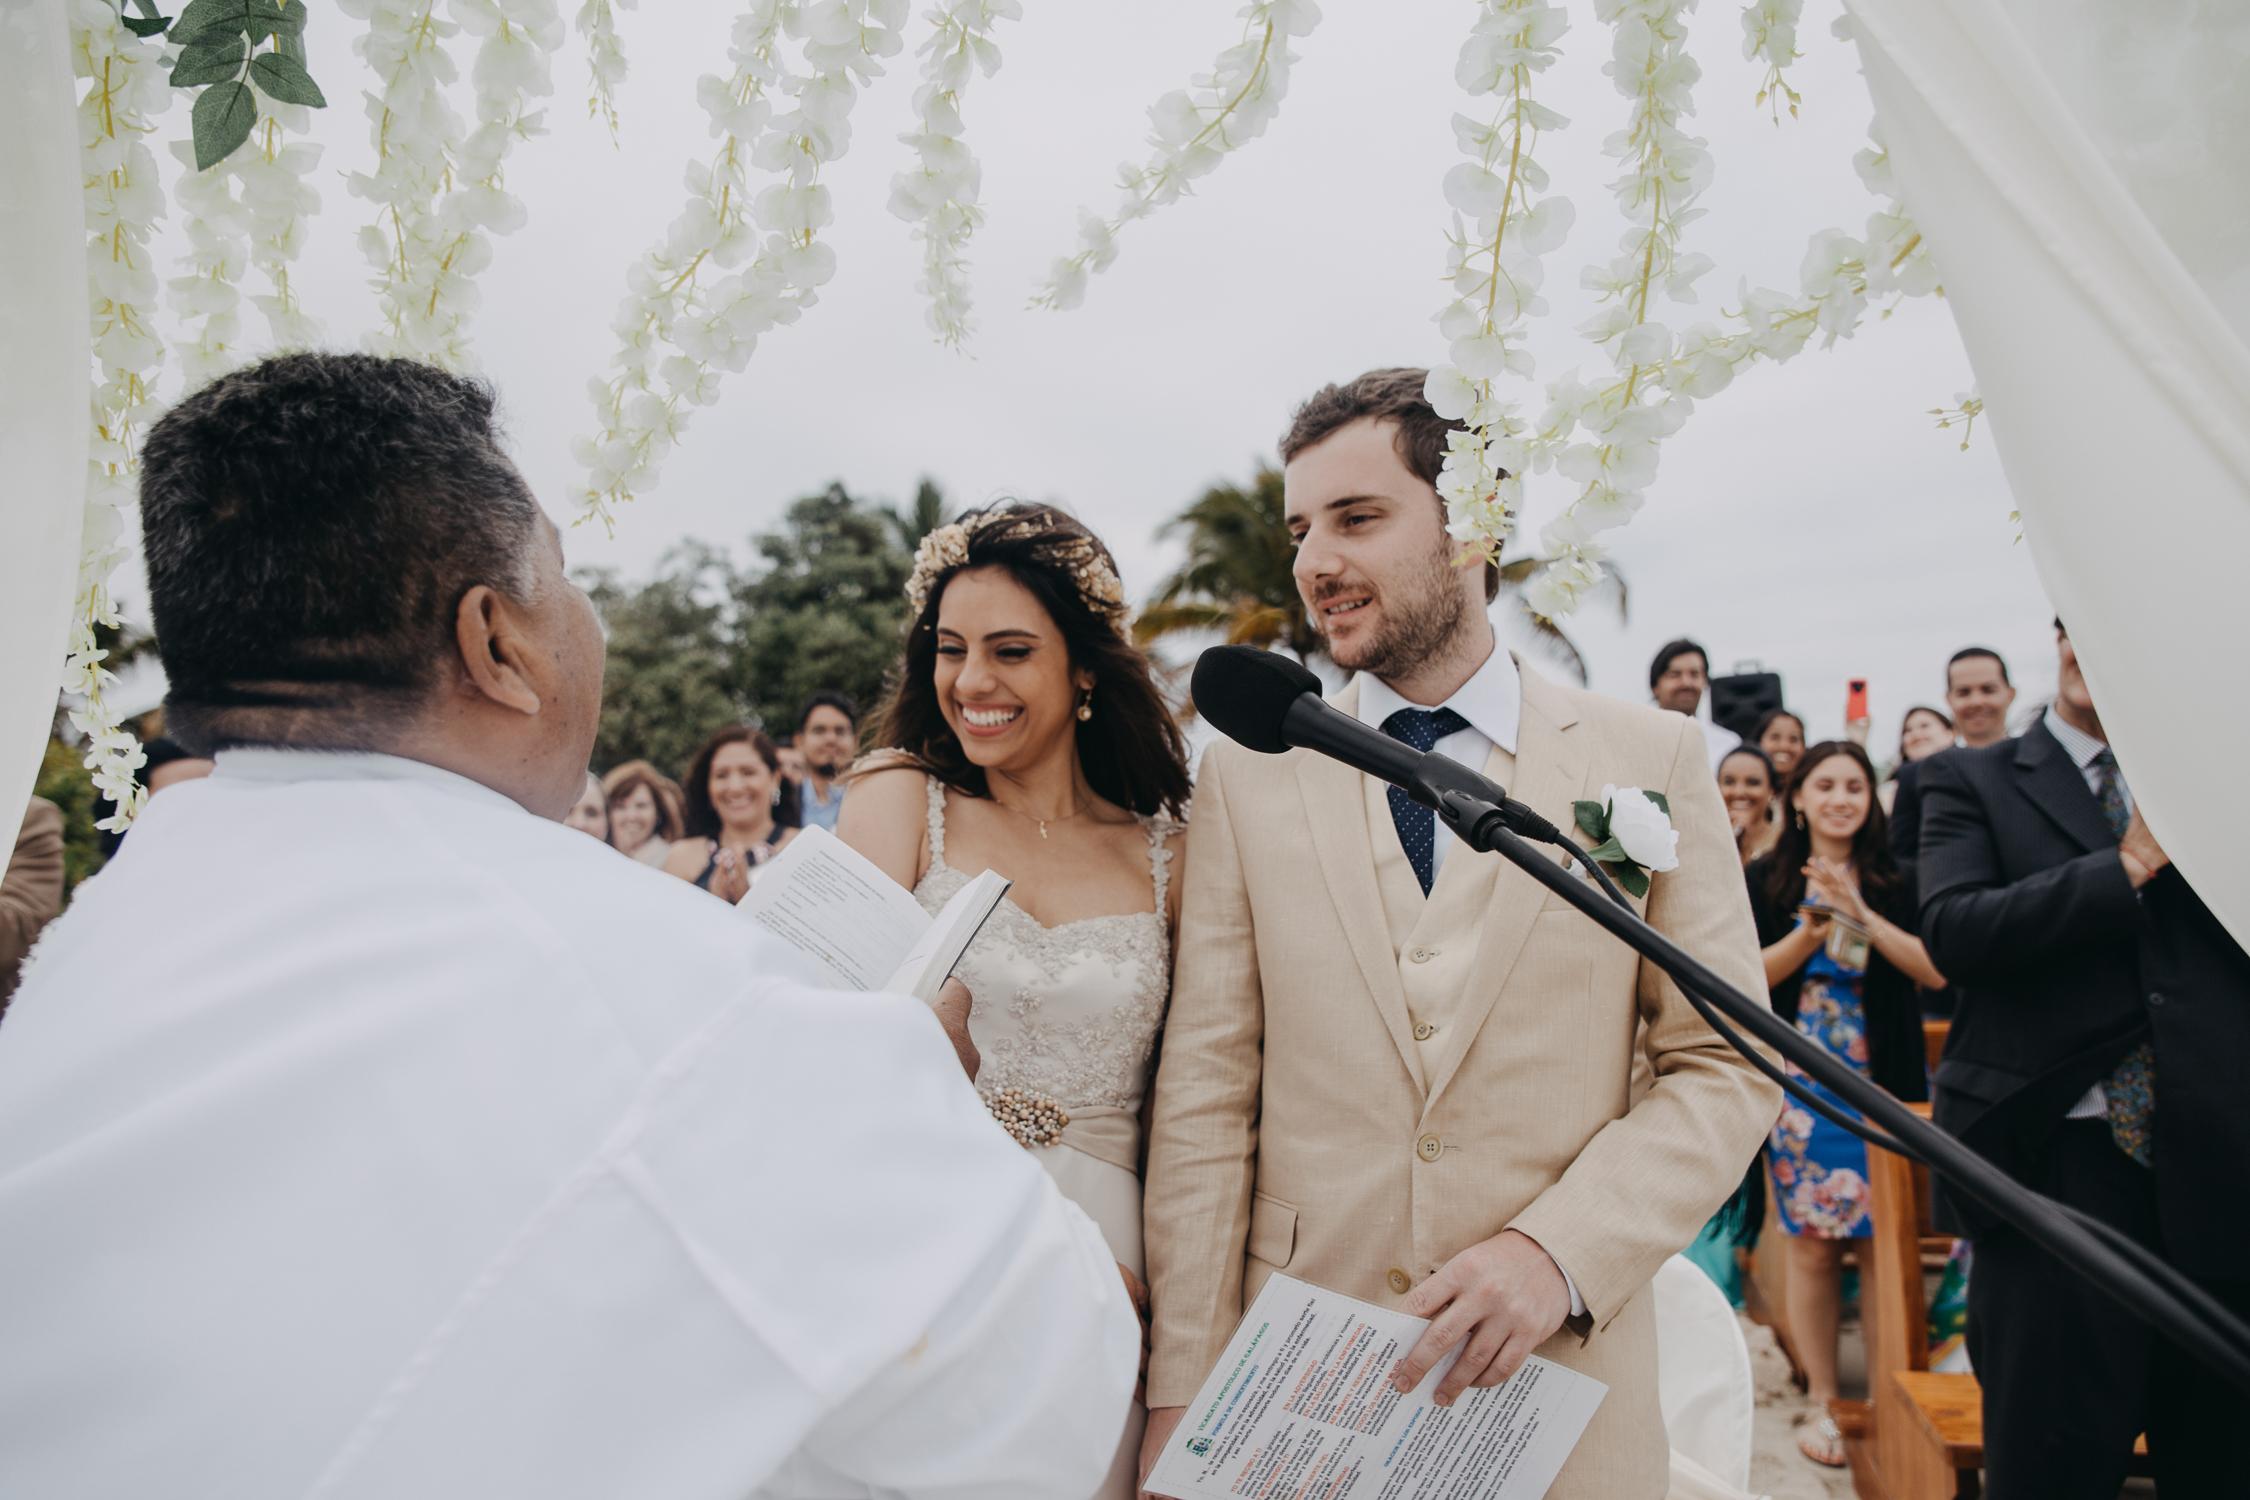 Michelle-Agurto-Fotografia-Bodas-Ecuador-Destination-Wedding-Photographer-Galapagos-Andrea-Joaquin-118.JPG